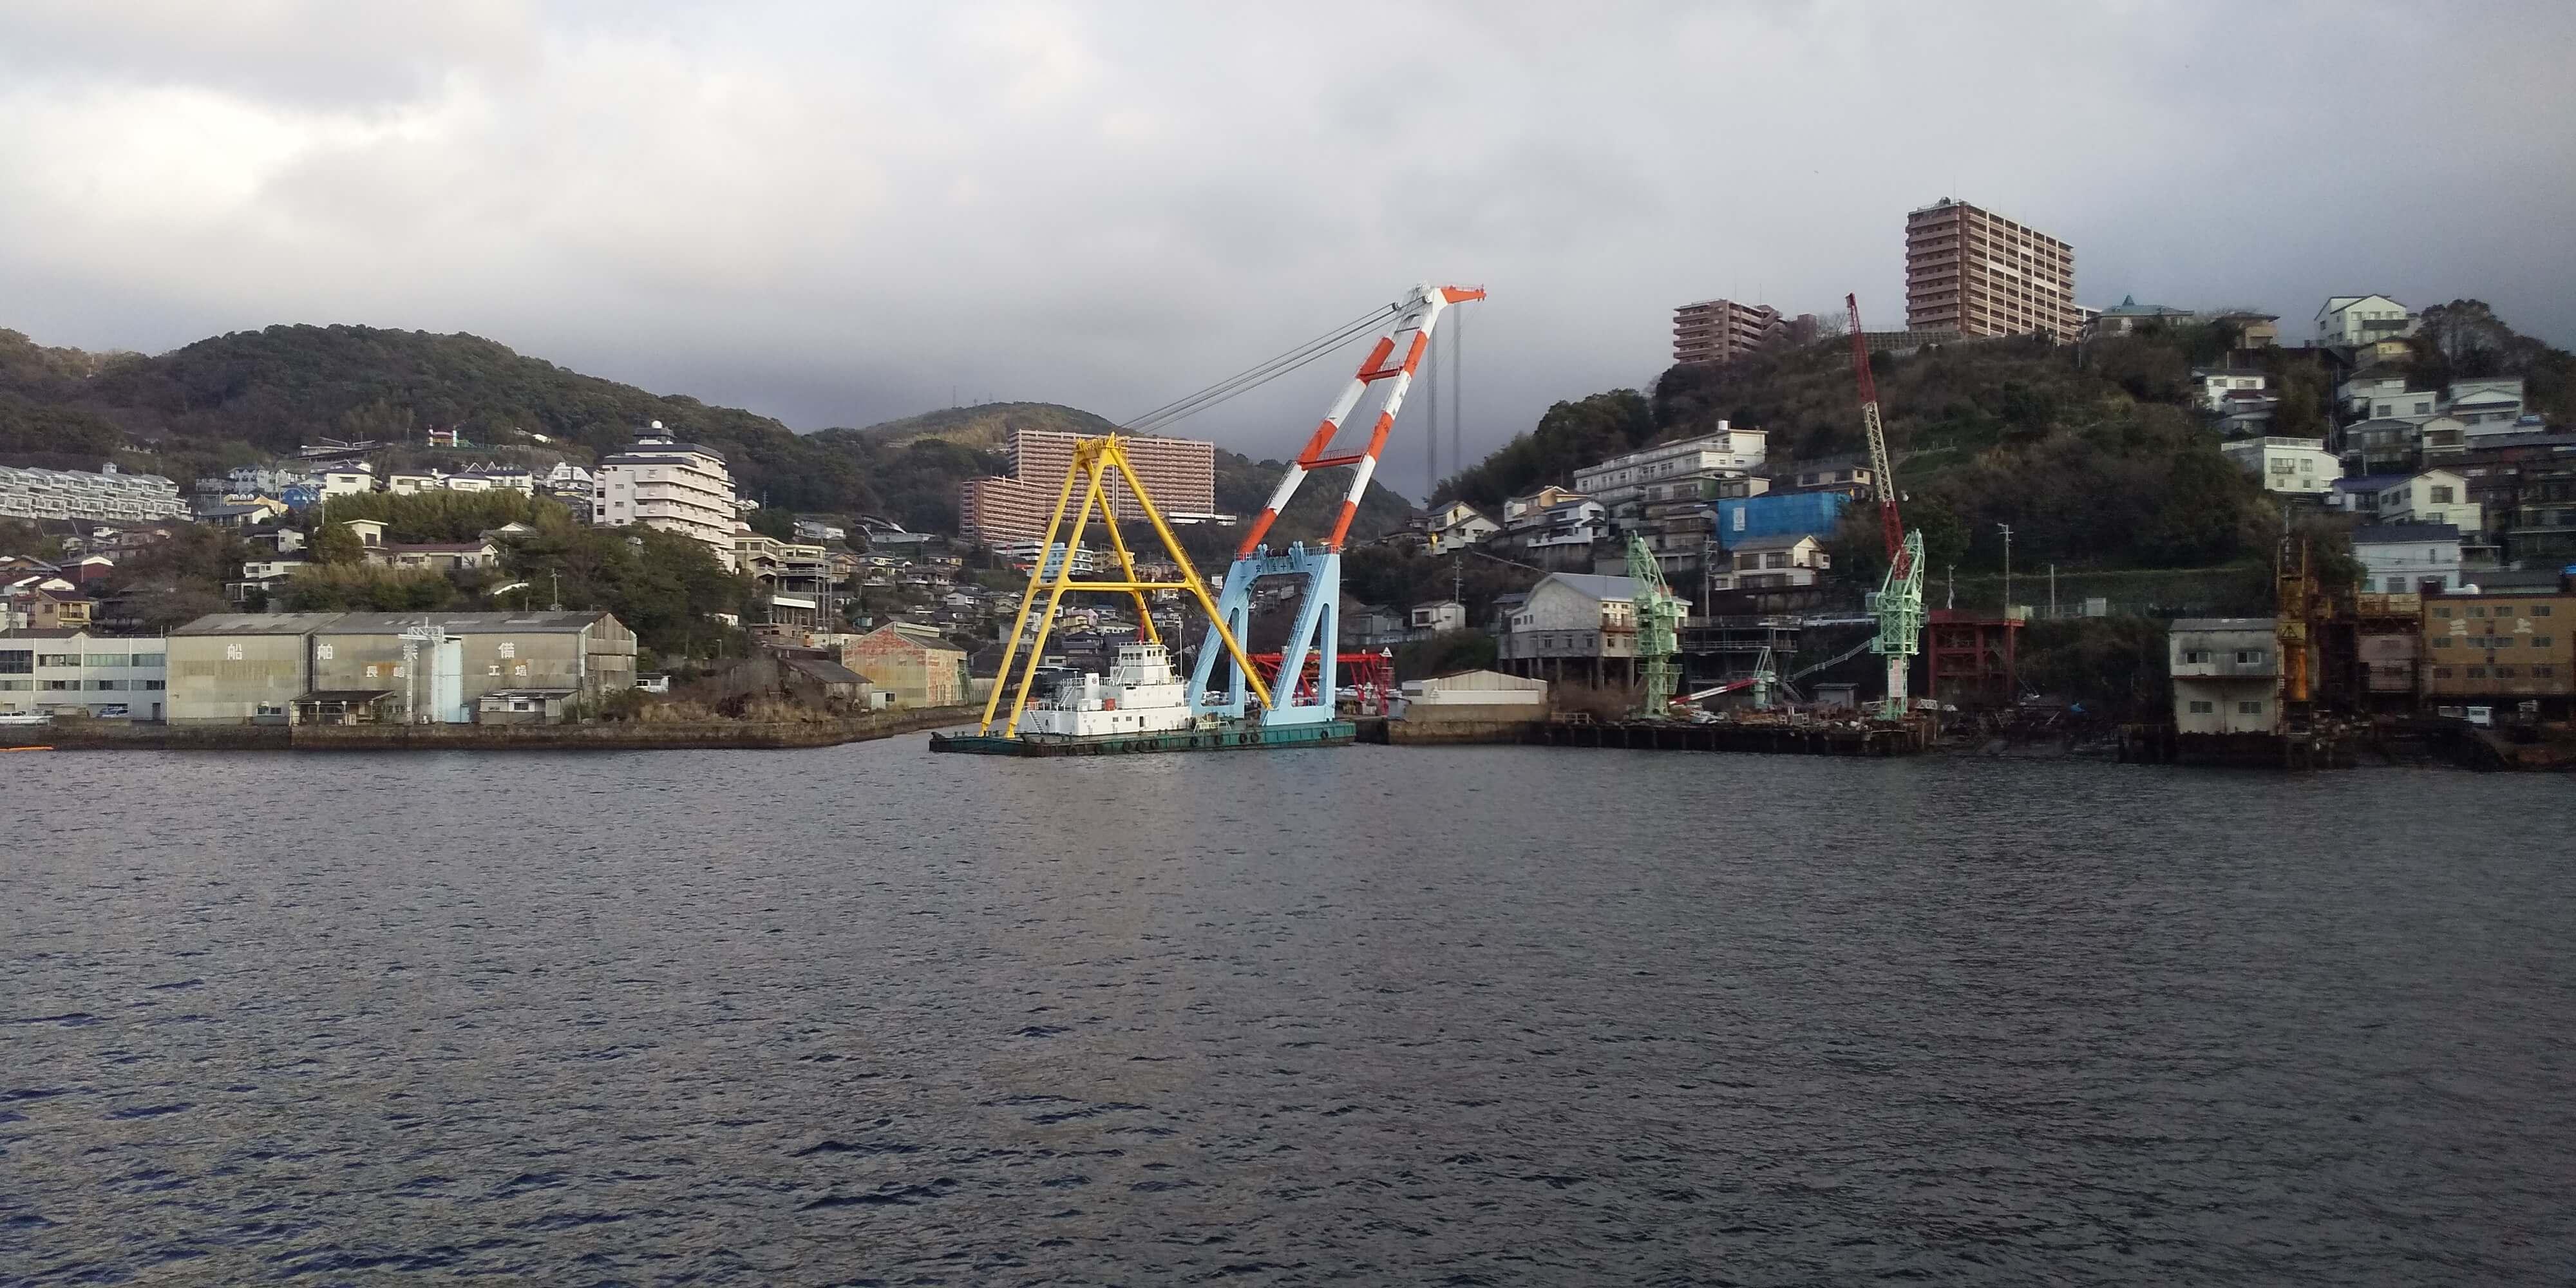 長崎港の起重機船